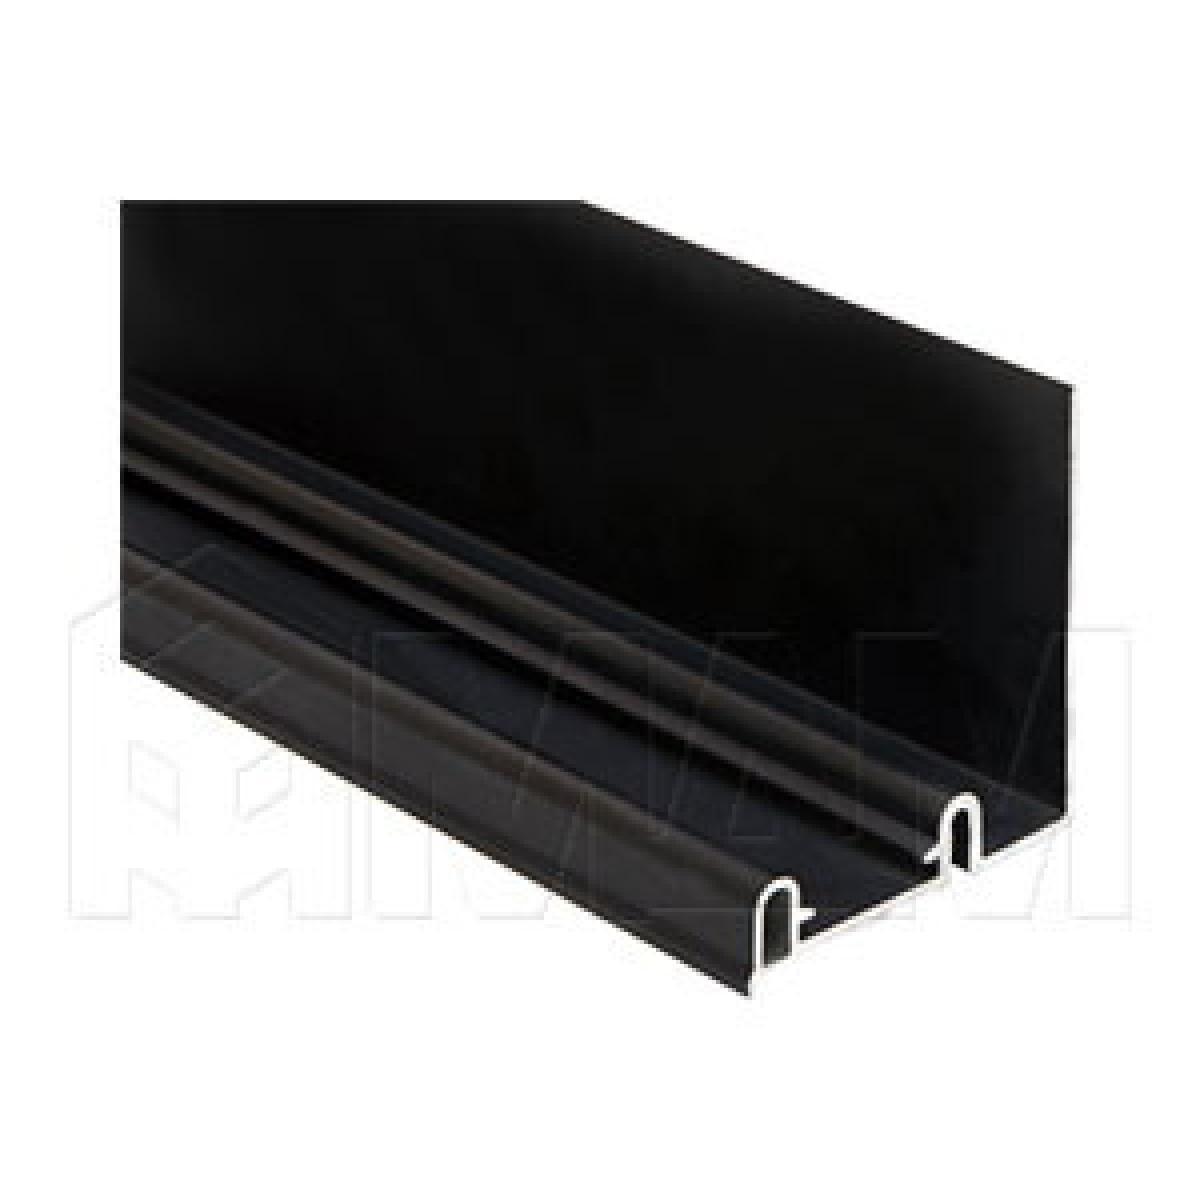 PS10 Направляющая верхняя, ДСП от 16, фикс. снаружи/изнутри, черный, L-6100